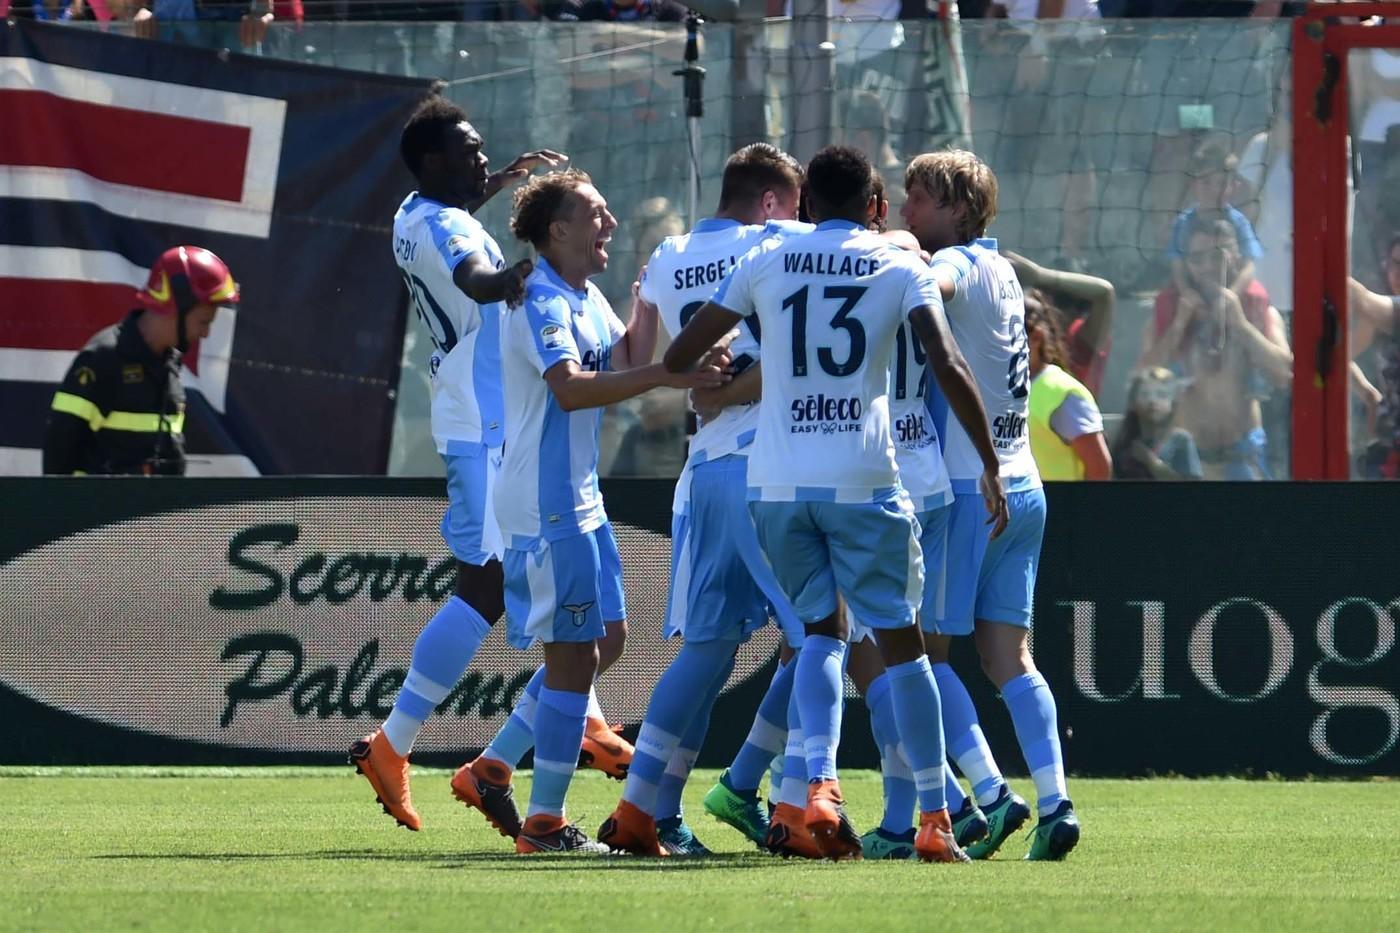 Tutto rinviato per la corsa Champions, che si deciderà settimana prossima nell'ultima gara di campionato tra Lazio e Inter. I biancocelesti infatti sprecano il match point a Crotone, dove pareggiano 2-2: Lulic sblocca la partita su rigore (17'), ma gli uomini di Zenga rispondono con Simy (29') e Ceccherini (61'). Nel finale arriva l'inutile pari di Milinkovic (84'). Per i calabresi è un punto che serve poco: oggi sarebbero retrocessi.